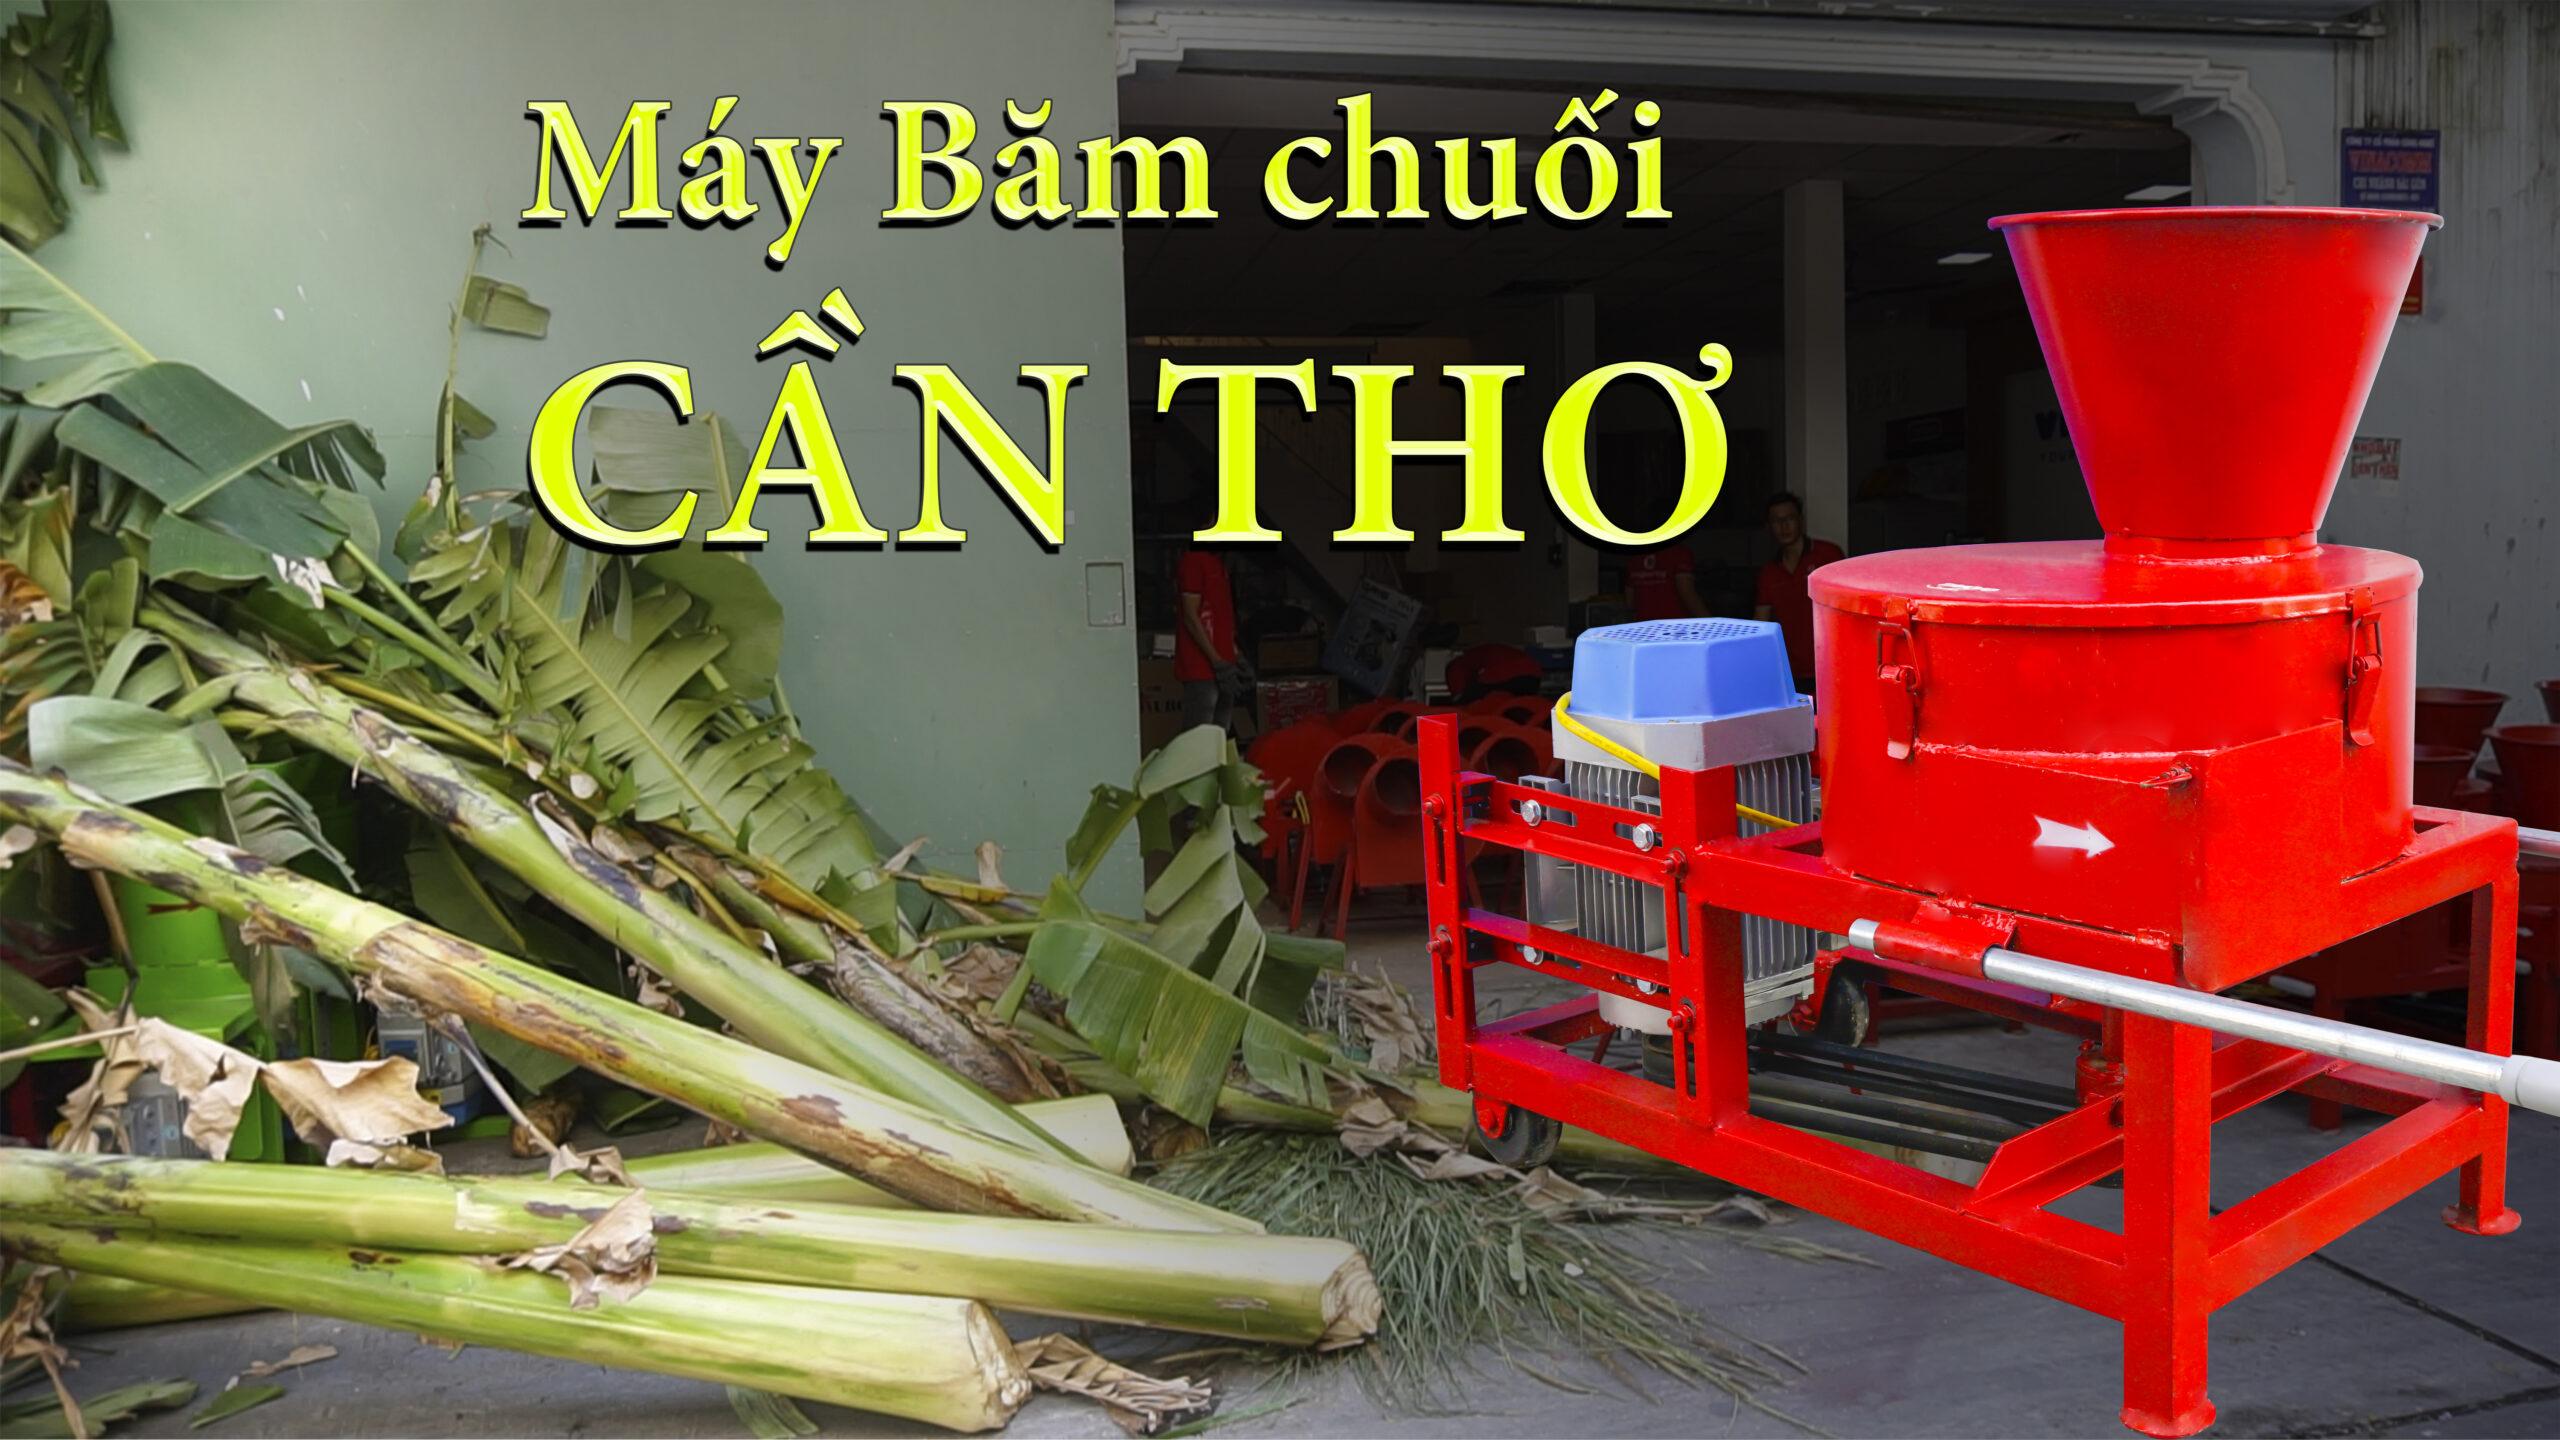 Máy băm chuối mịn tại Cần thơ, máy băm chuối TAKYO TK 3000 ở Cần Thơ